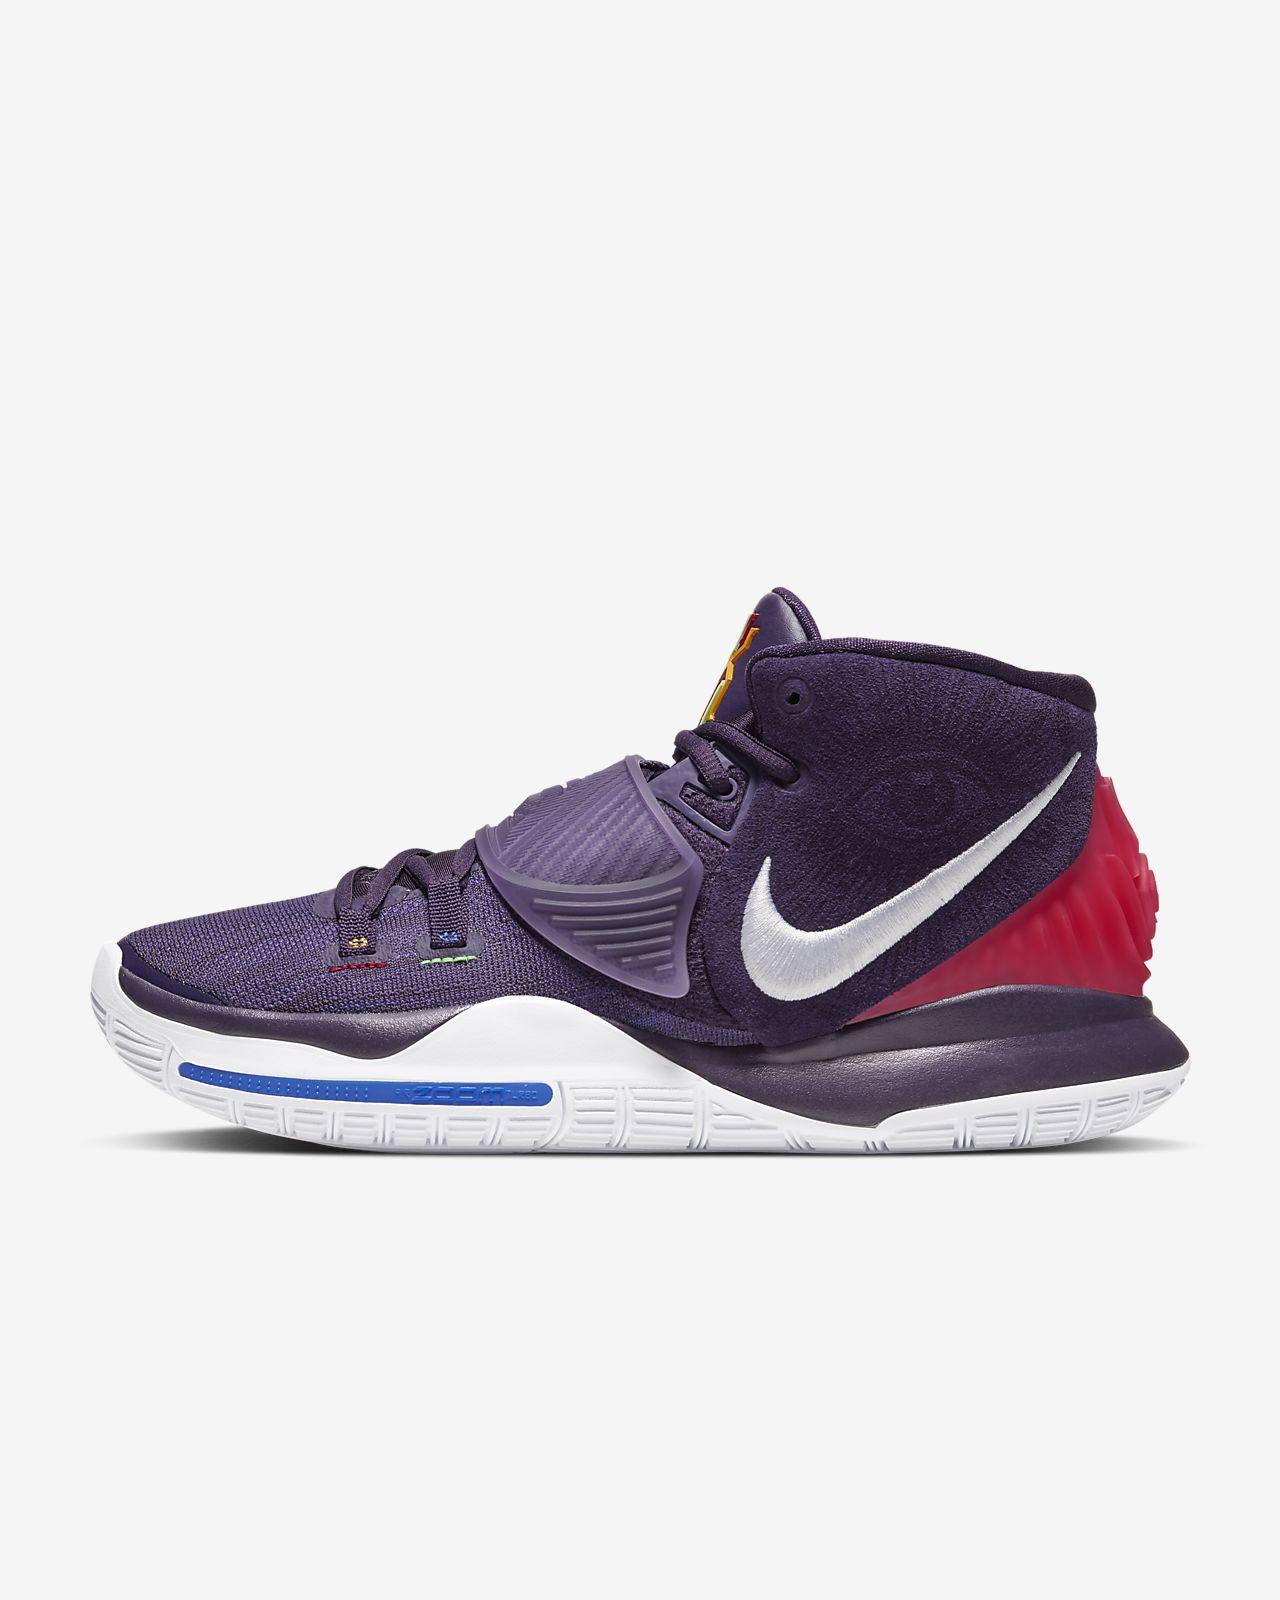 Kyrie 6 EP 男子篮球鞋